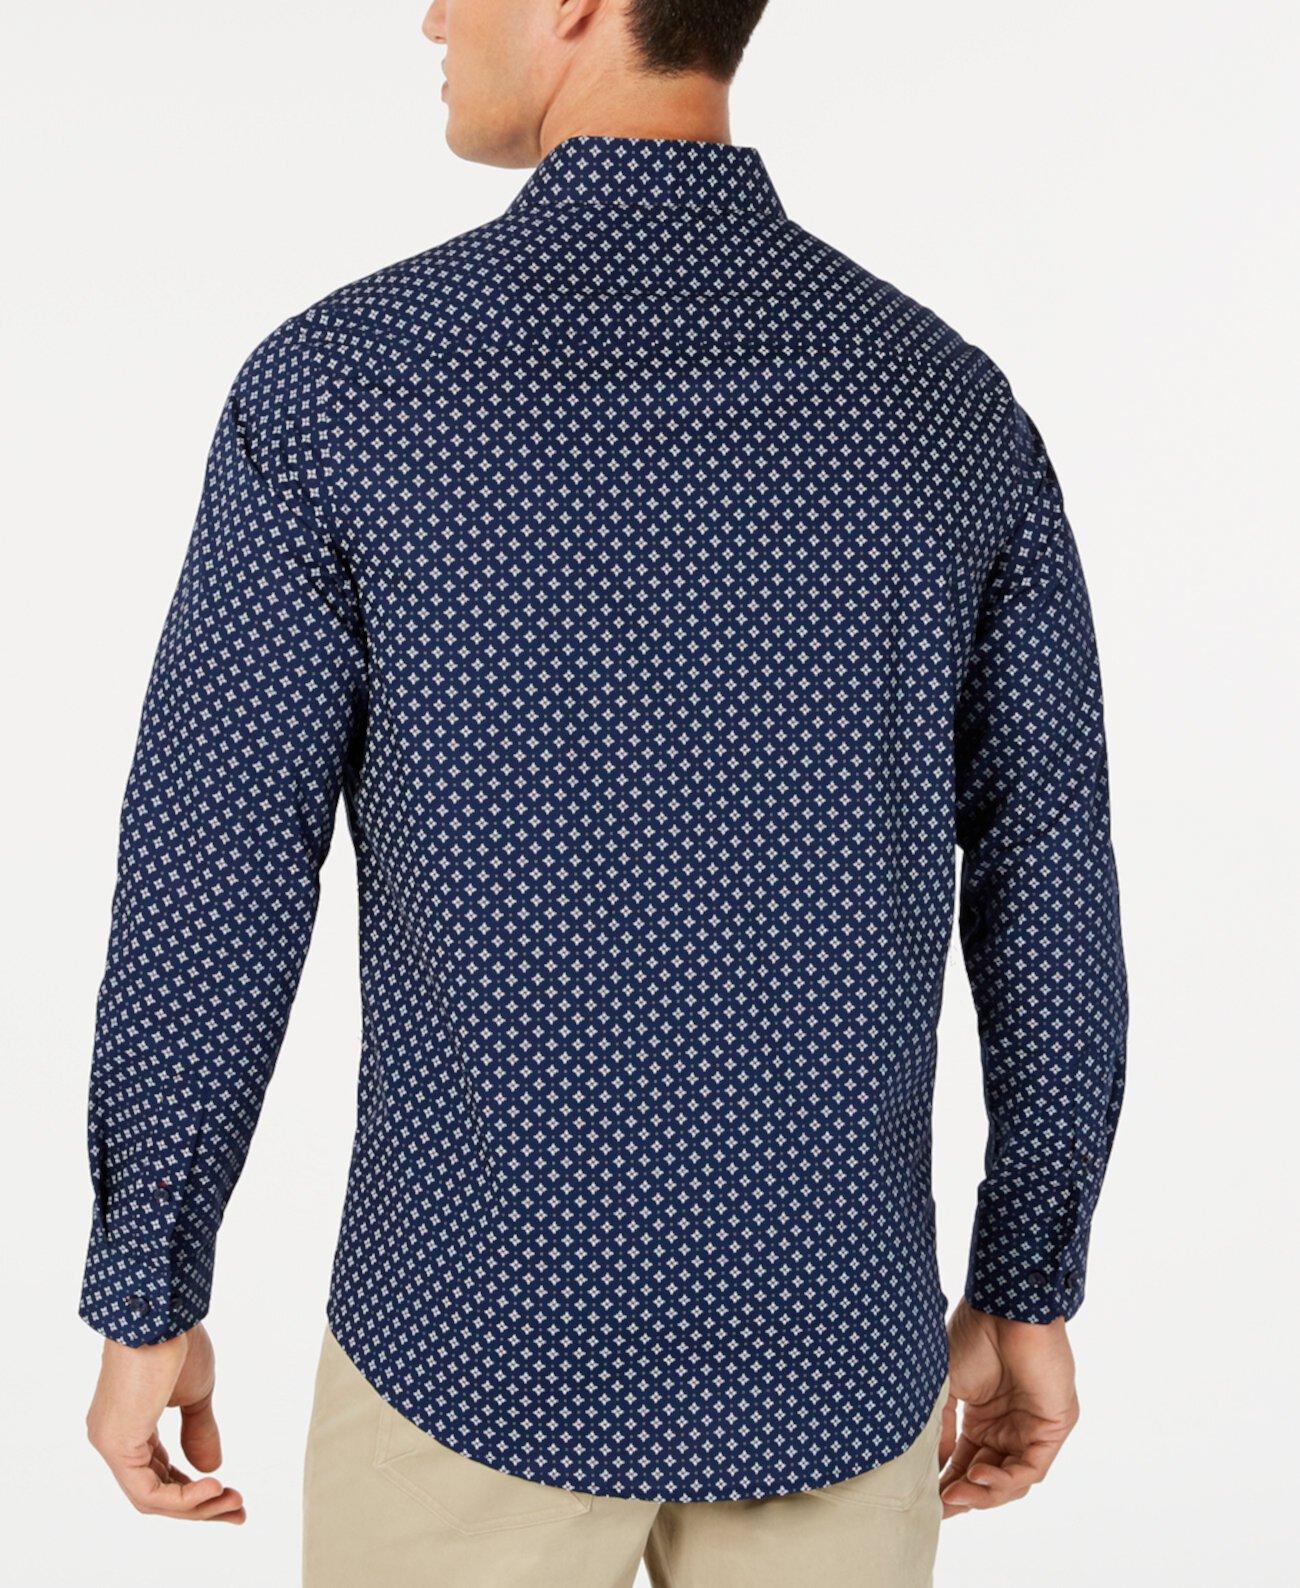 Мужская эластичная рубашка с медальоном и принтом для Macy's Tasso Elba